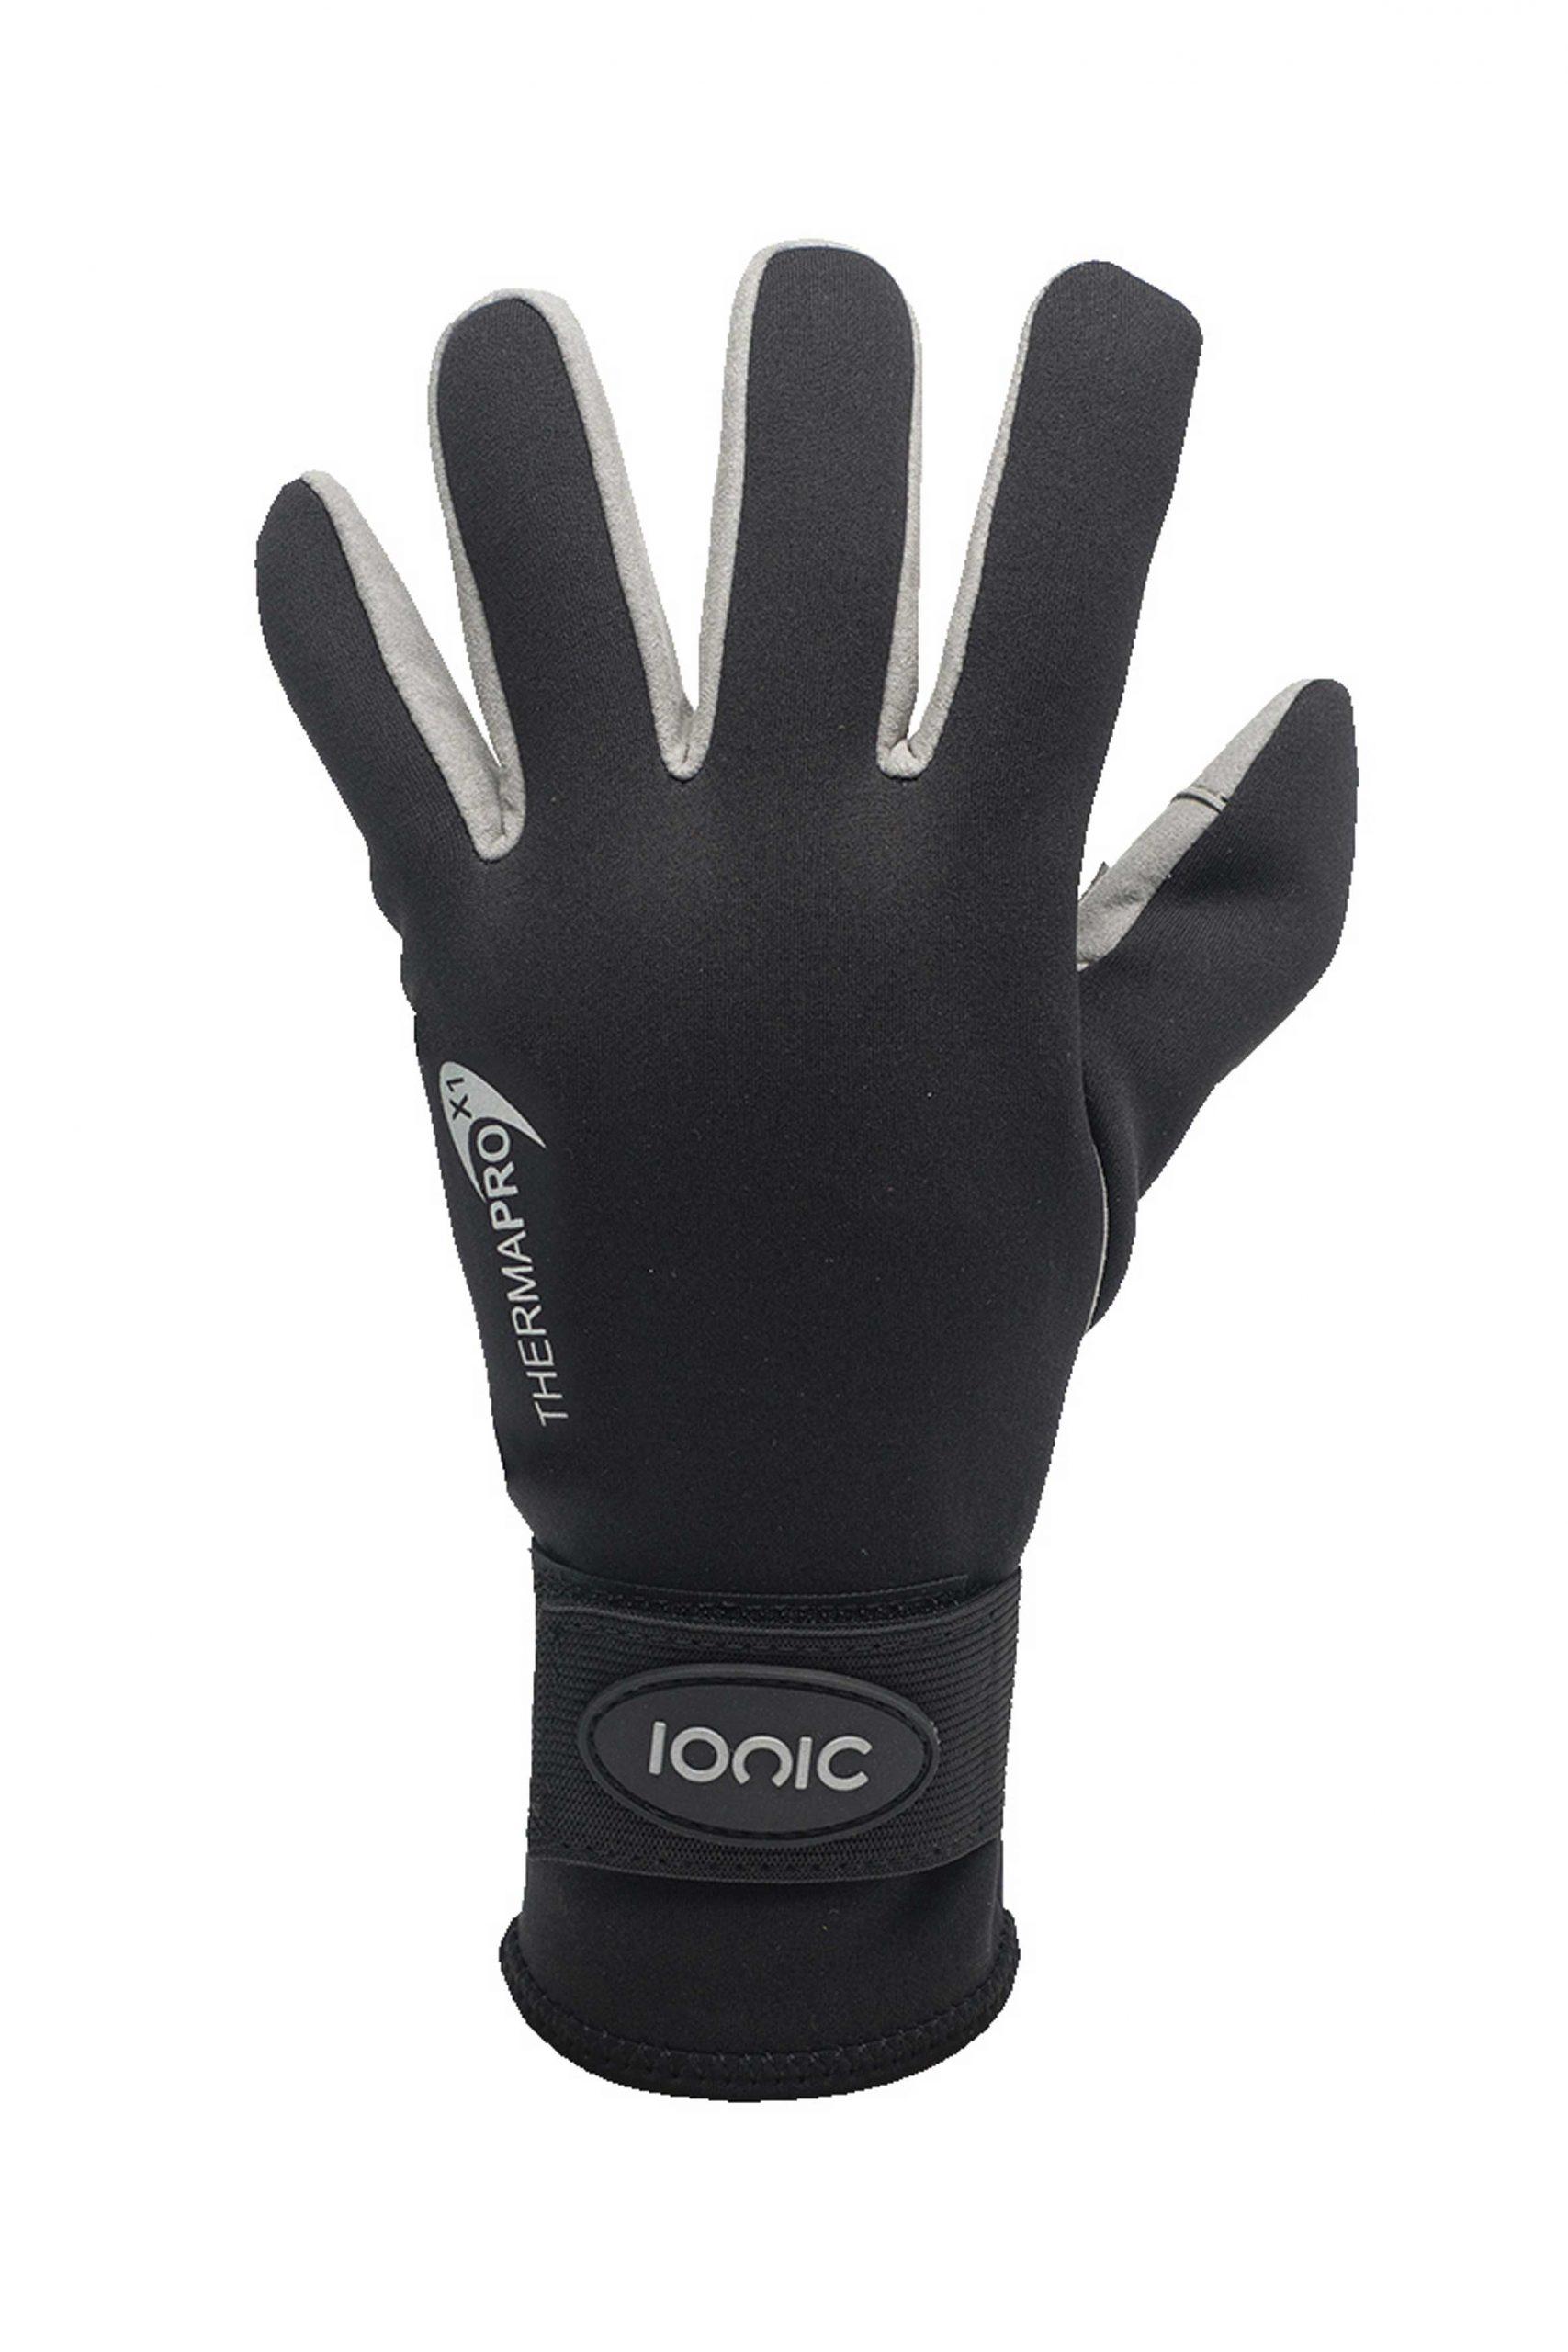 Safequip 2mm Neoprene Amara Gloves